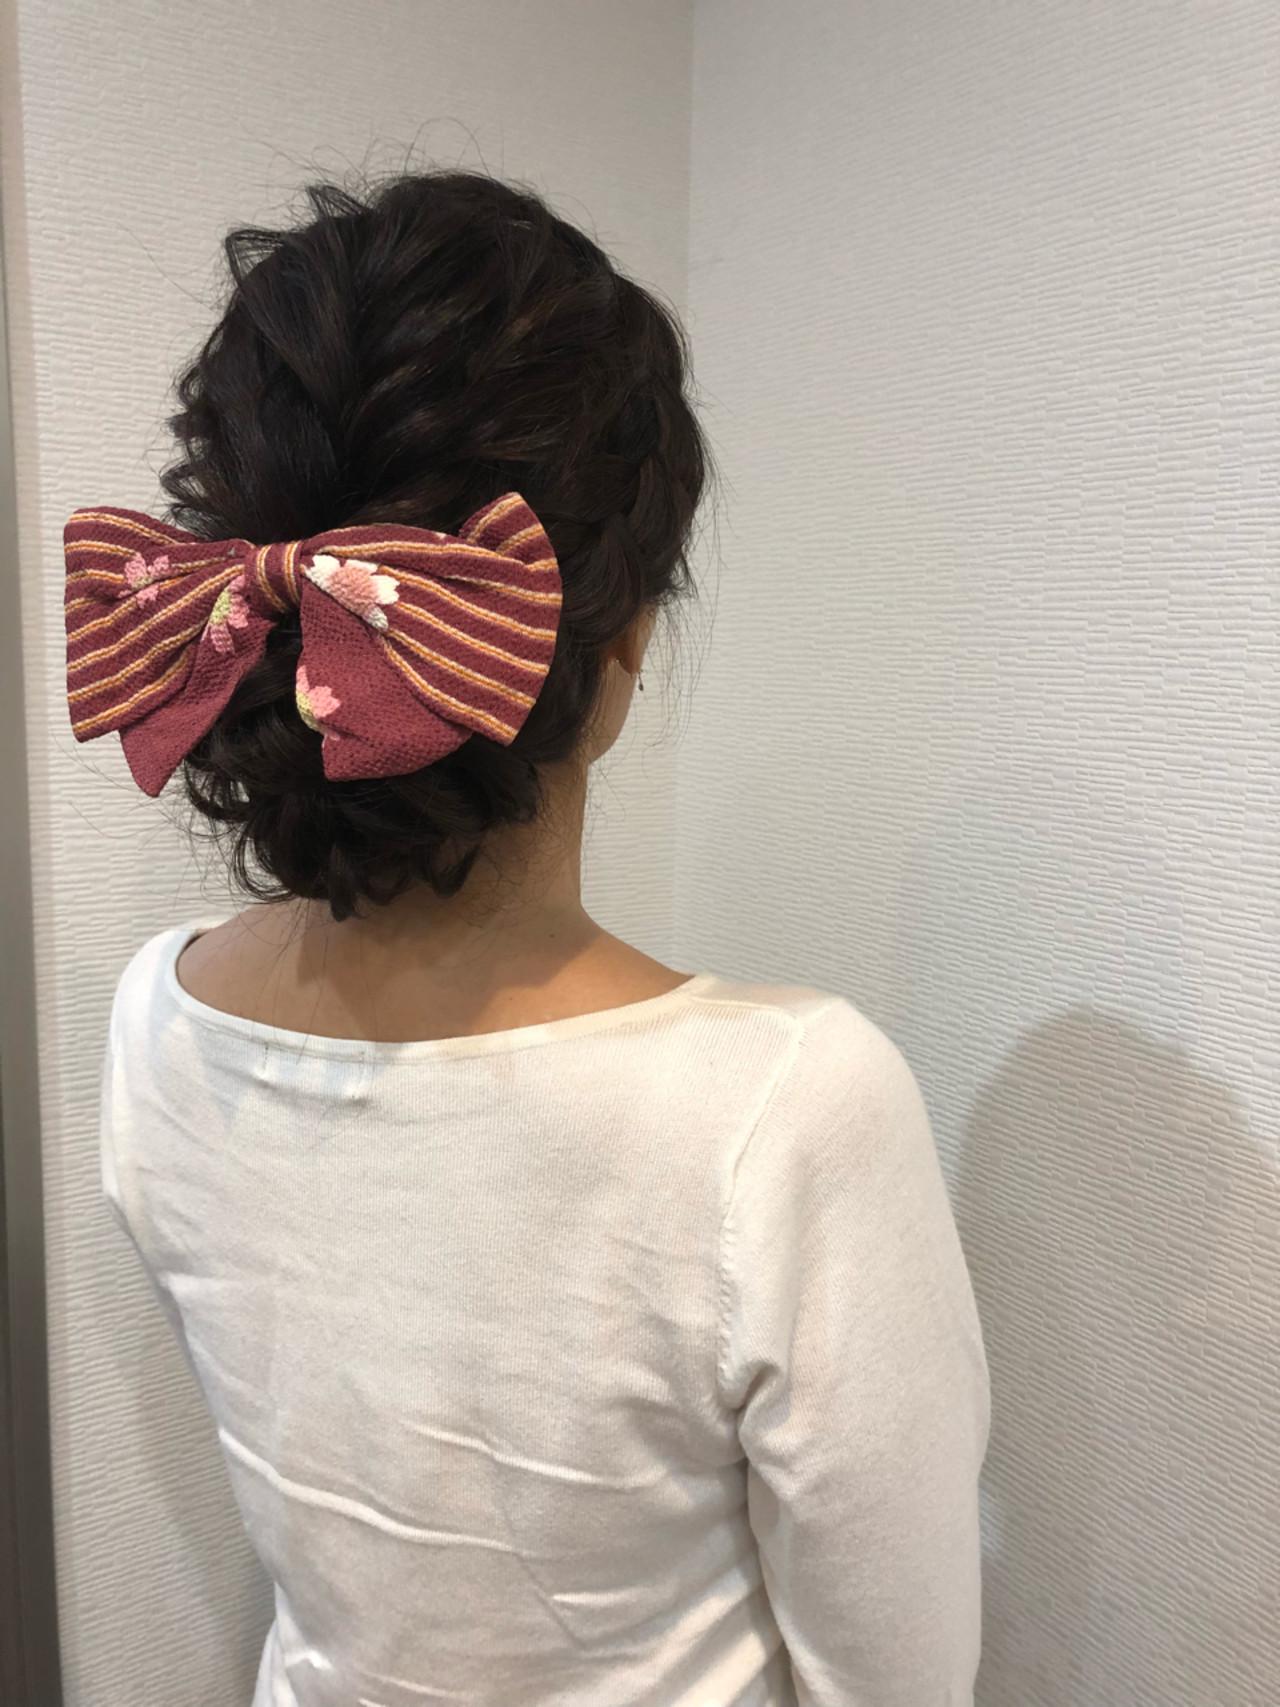 和装 アップスタイル フェミニン ヘアアレンジ ヘアスタイルや髪型の写真・画像 | mai / HAIR SALON STELLA